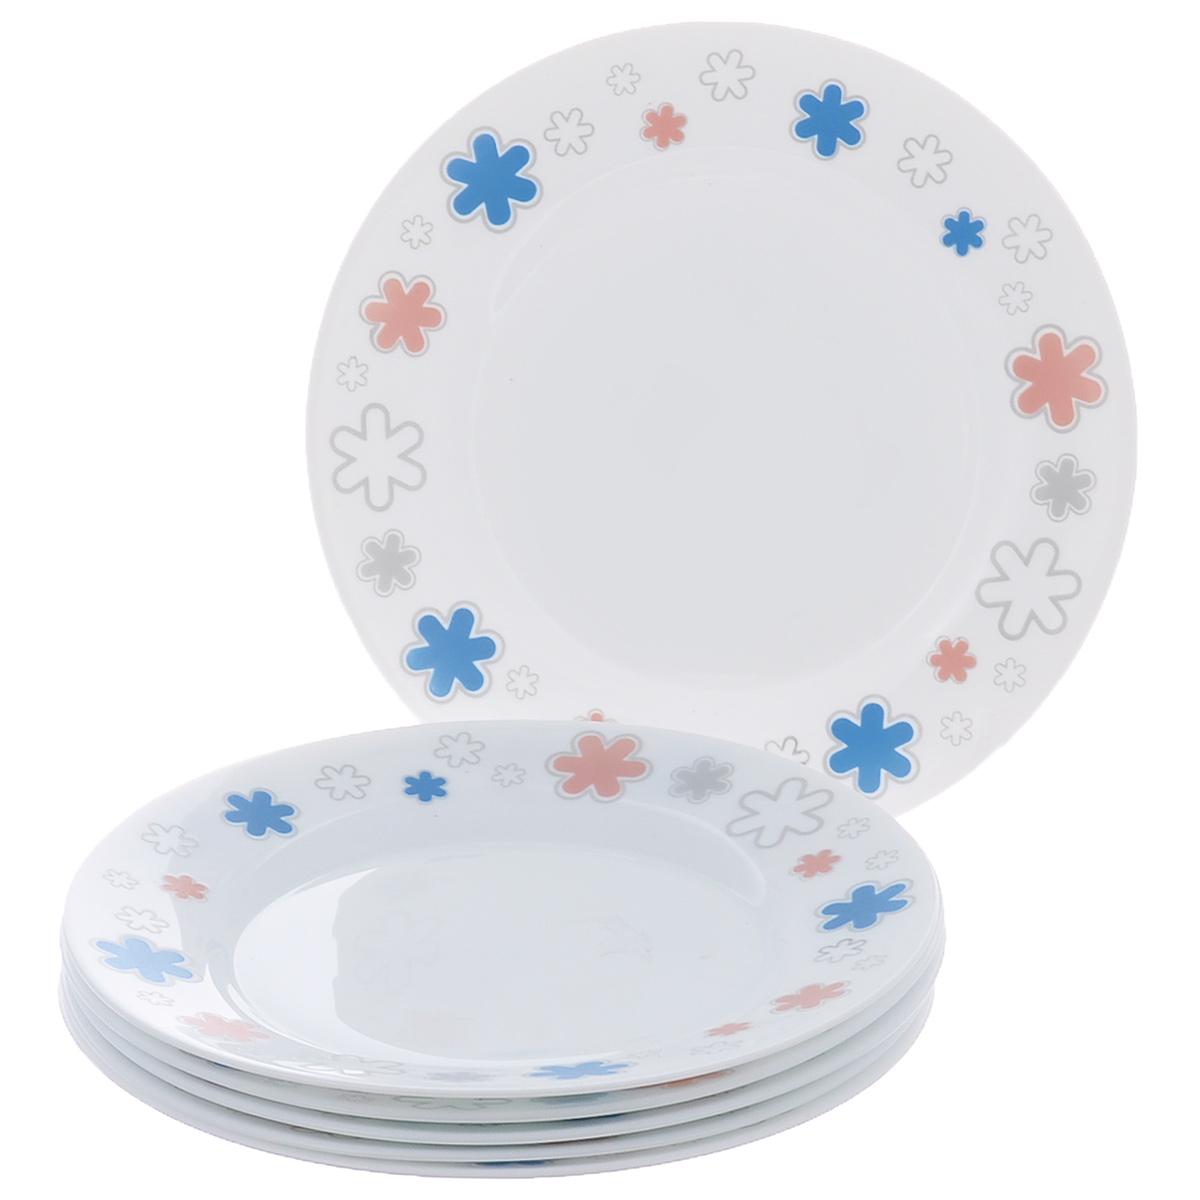 Набор мелких тарелок Bormioli Rocco Fun Fucsia, цвет: белый, диаметр 20 см, 6 шт400812FN9321379Набор Bormioli Rocco Fun Fucsia, выполненный из высококачественного упрочненного стекла, состоит из 6 мелких тарелок. Тарелки оформлены изображением цветов. Они сочетают в себе изысканный дизайн с максимальной функциональностью. Оригинальность оформления тарелок придется по вкусу и ценителям классики, и тем, кто предпочитает утонченность и изящность. Набор тарелок послужит отличным подарком к любому празднику.